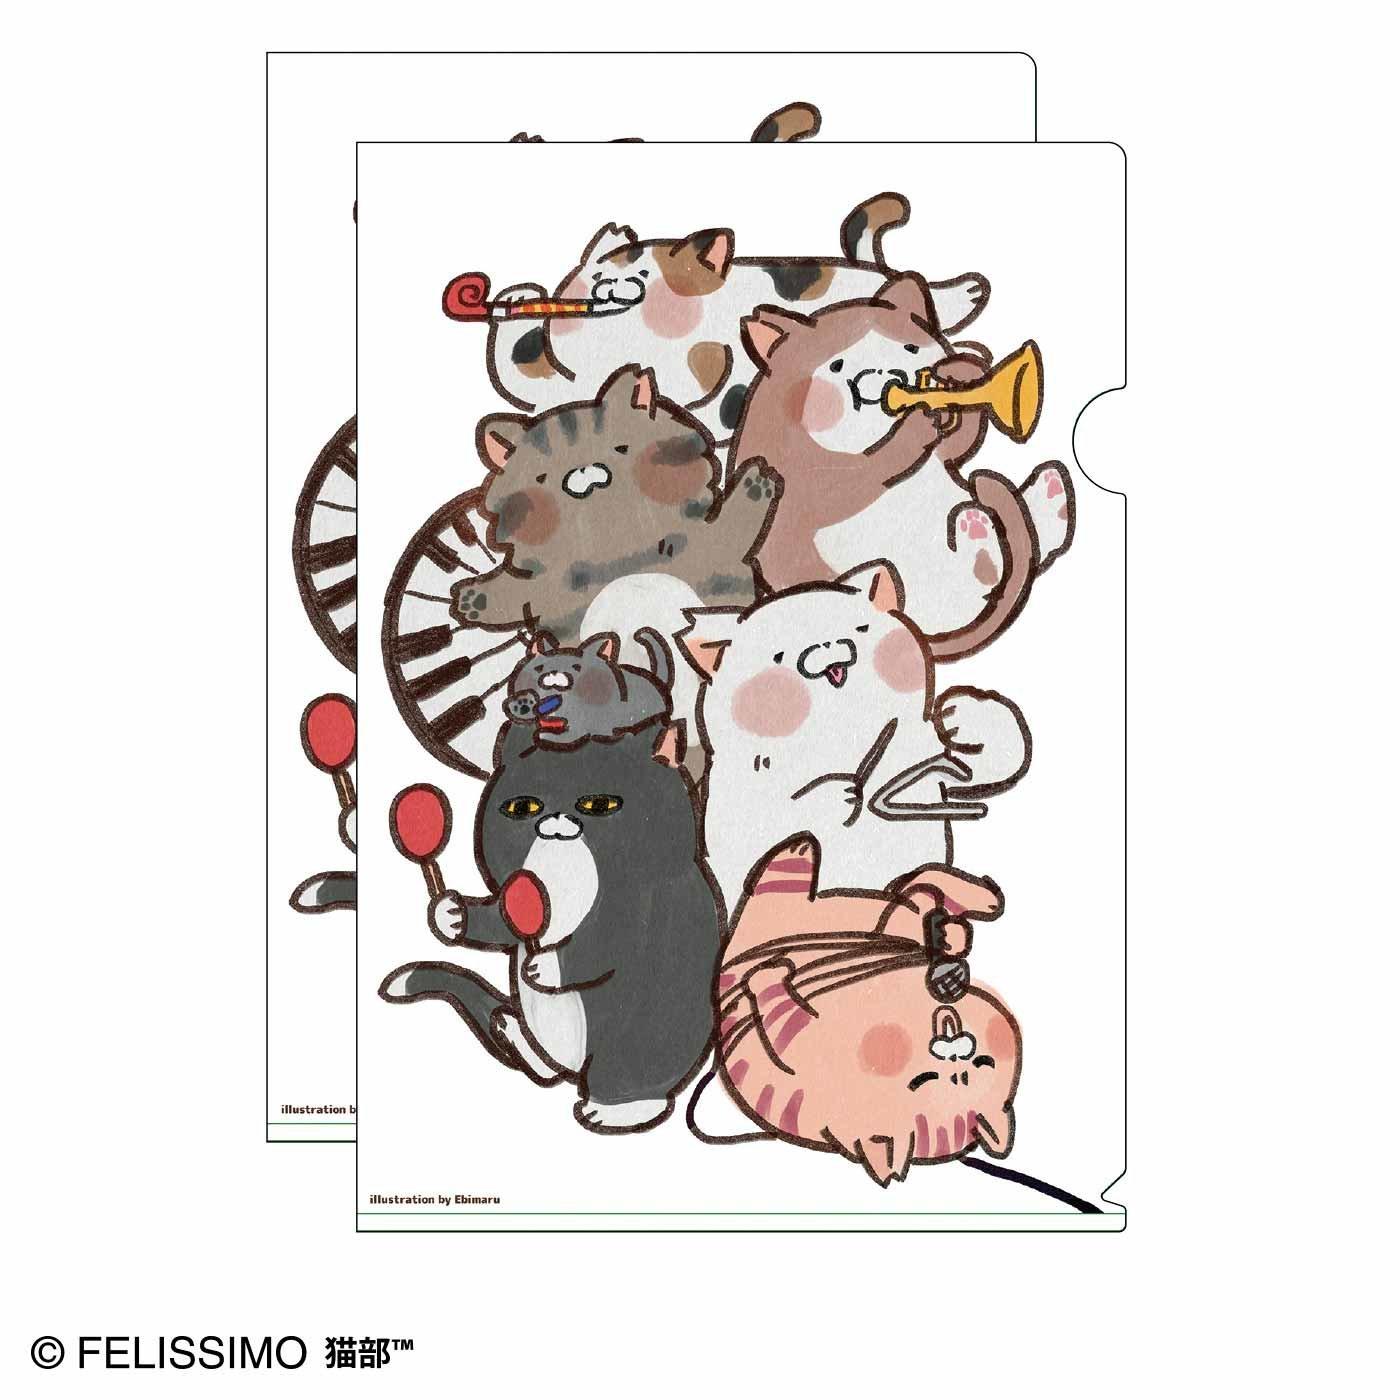 猫部×えび丸 地域猫チャリティークリアファイル2020